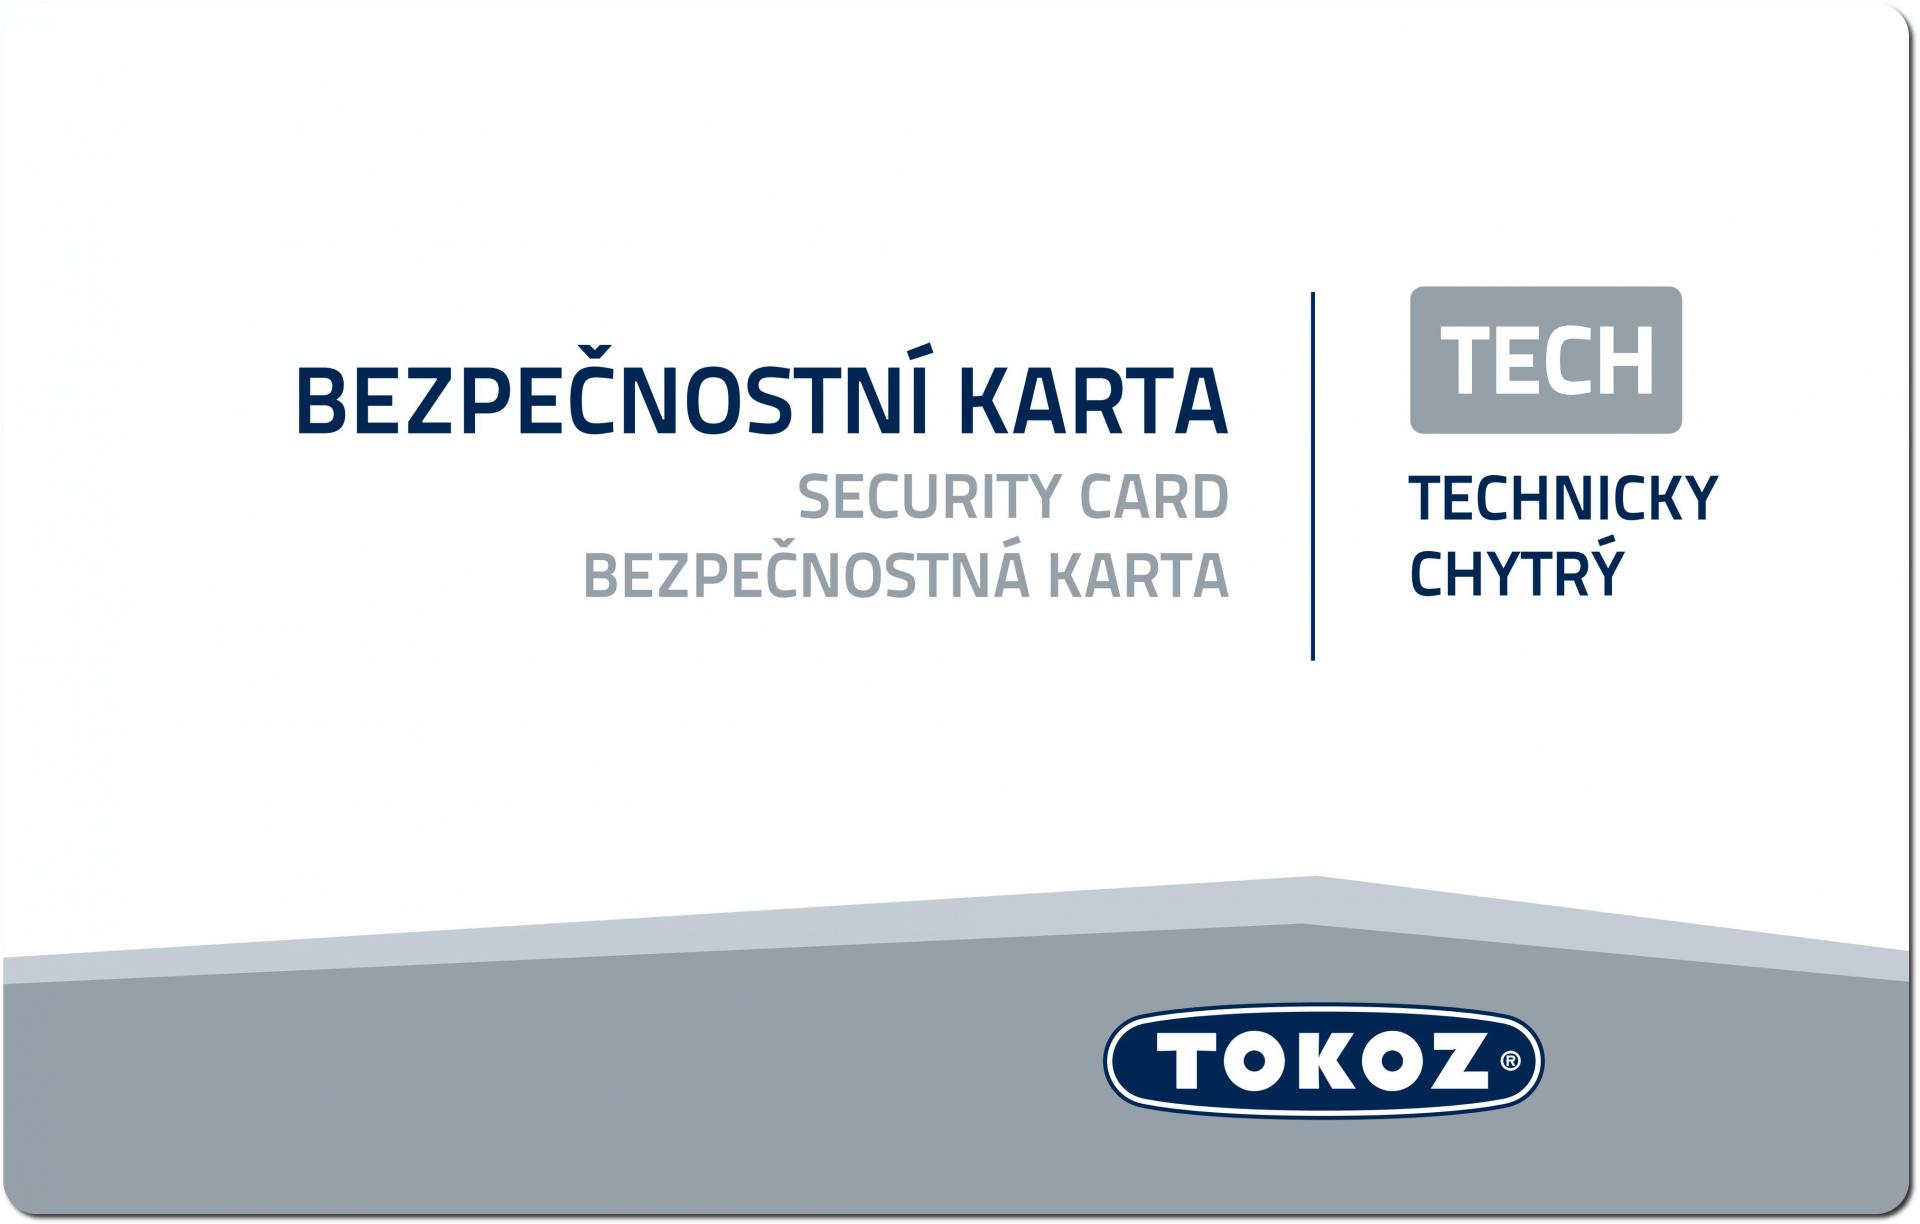 karta_tech